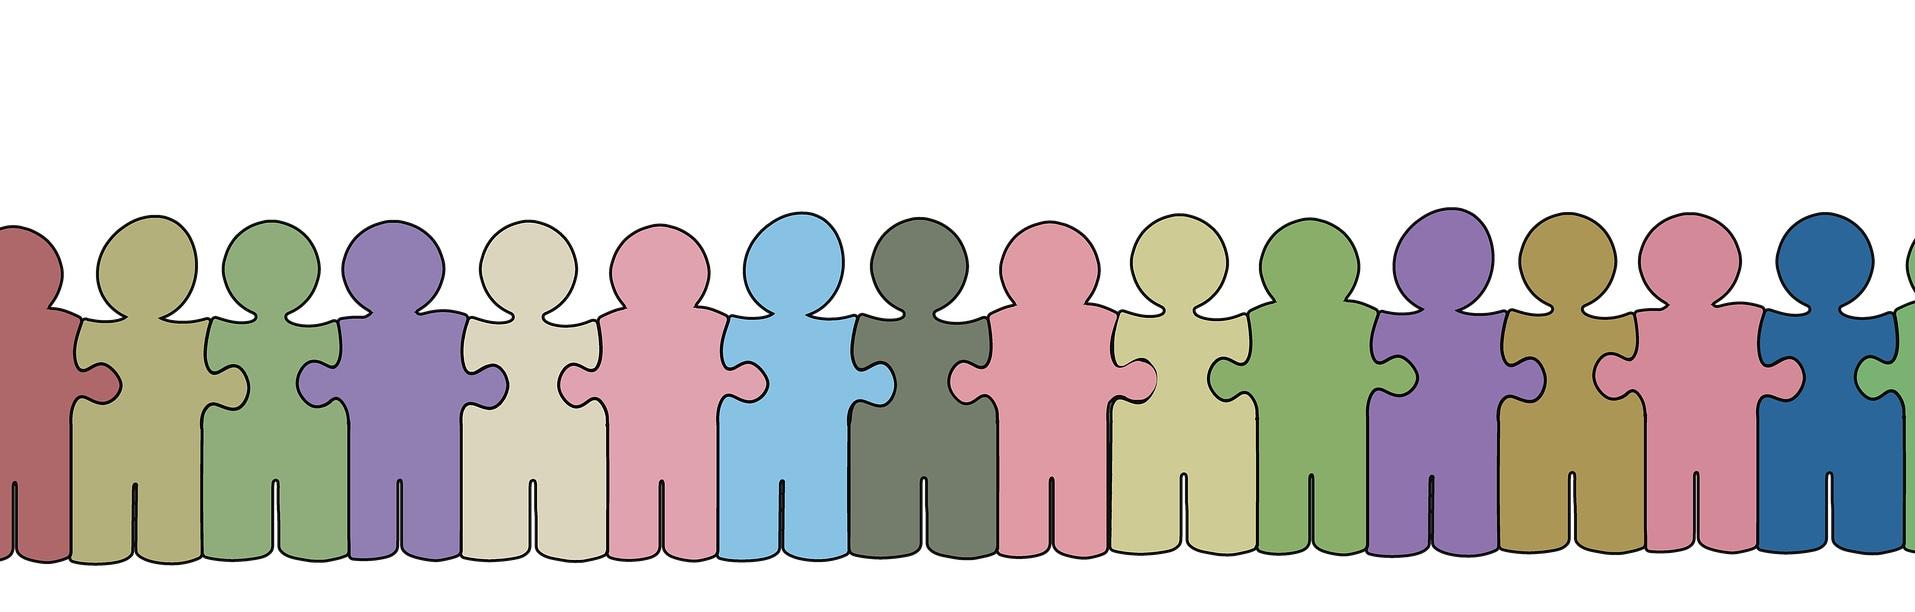 värikkäitä piirroskuva ihmishahmoja kiinni toisissaan kuin palapelin palat